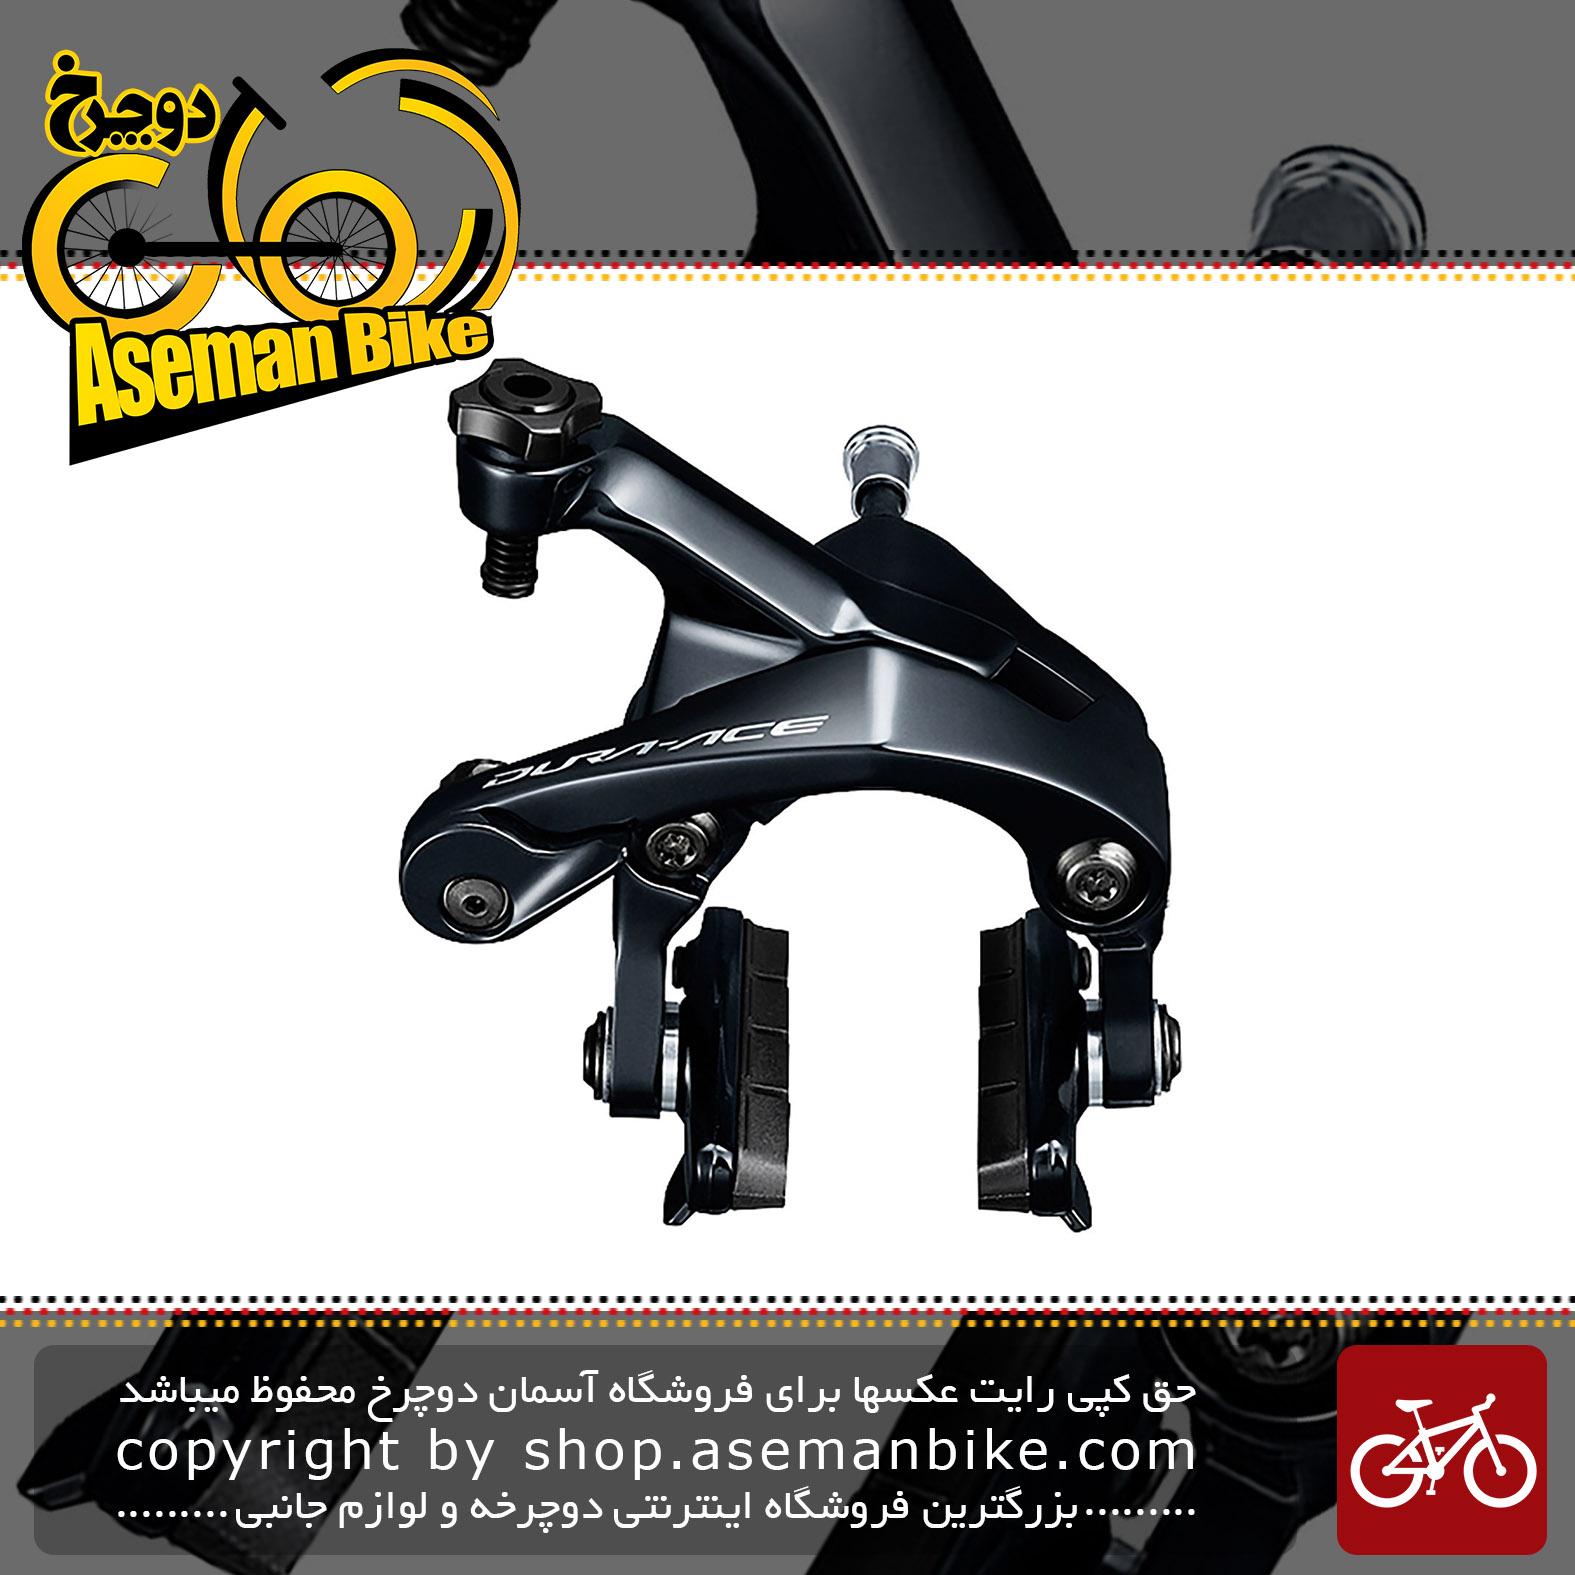 ترمز دوچرخه کورسی شیمانو جلو و عقب دورا ایس بی آر 9100 Shimano Brake Set Dura Ace BR-9100